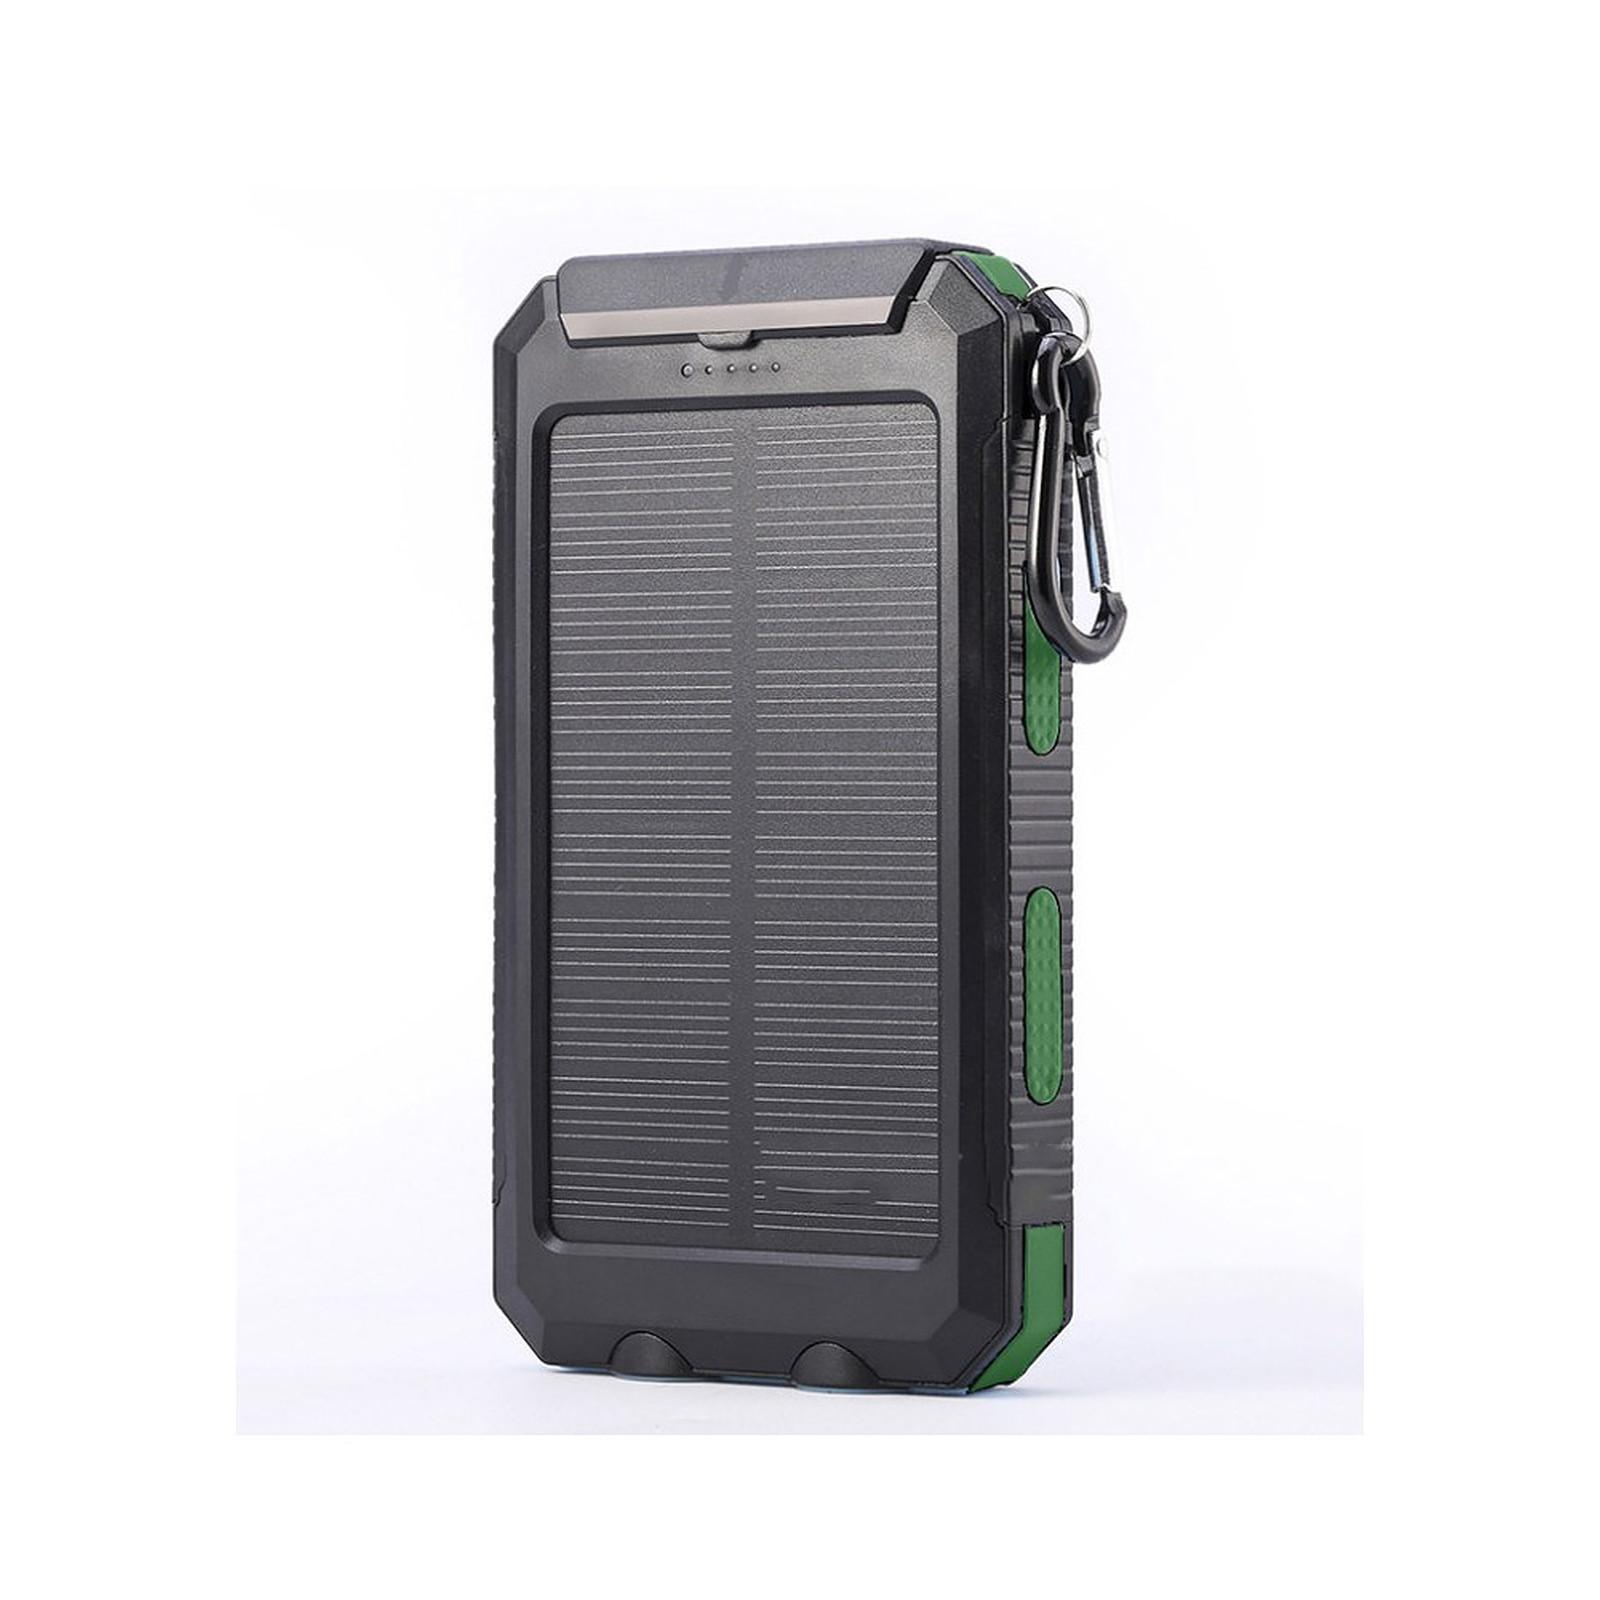 Cellys Batterie externe solaire double USB 10 000MAh Vert